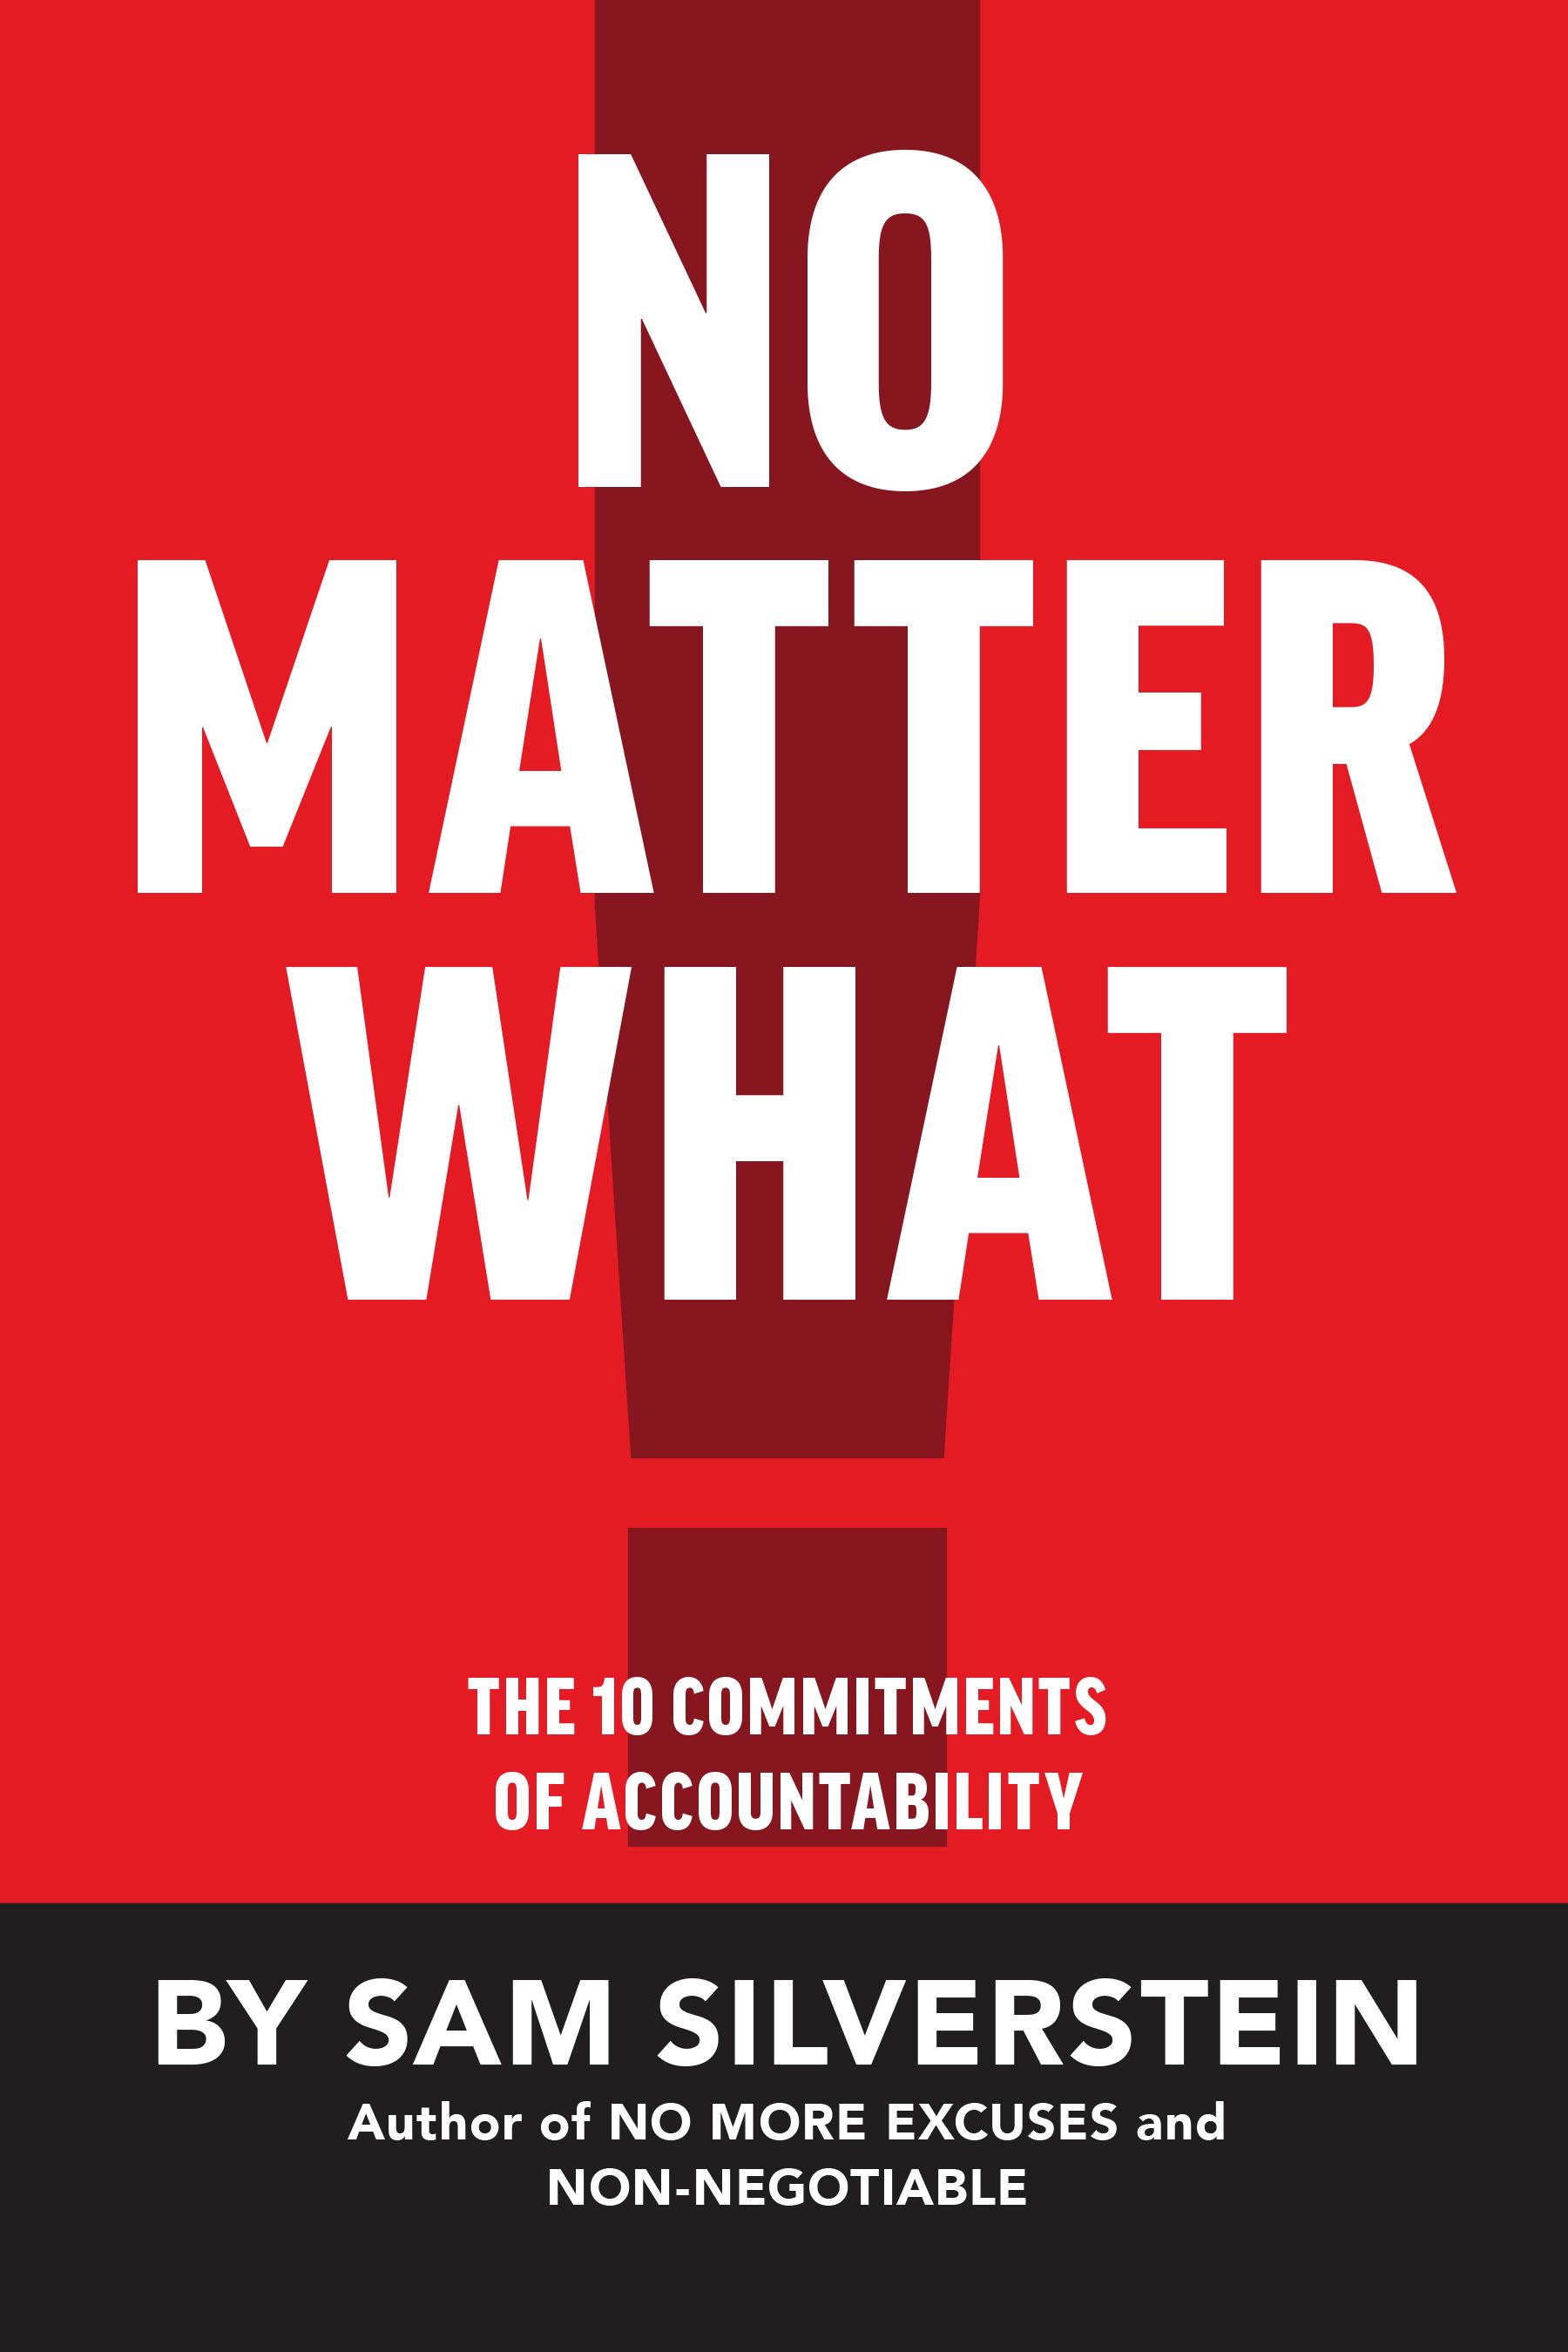 No Matter What - By Sam Silverstein